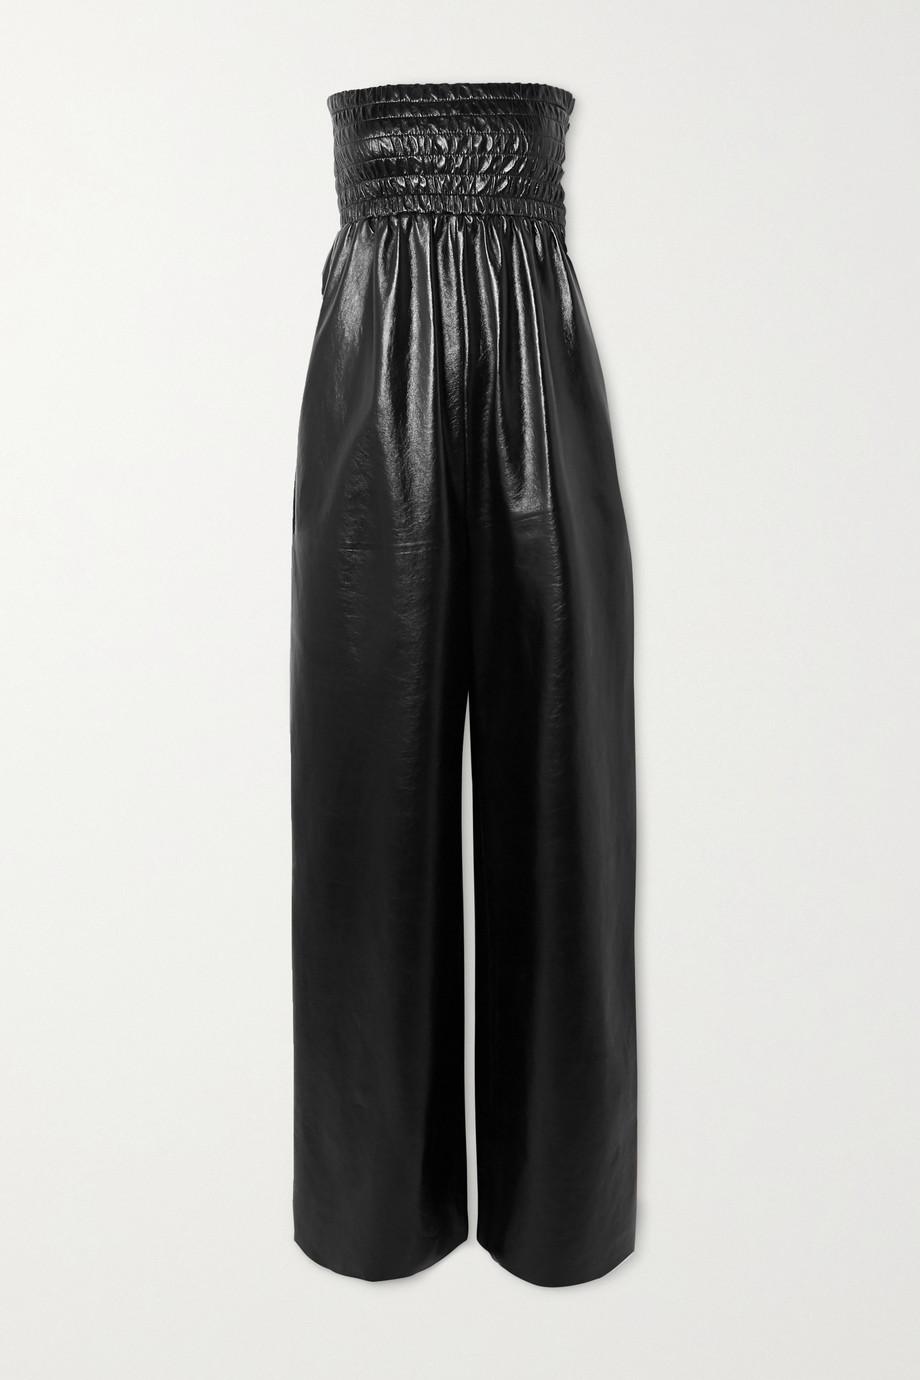 Bottega Veneta Combi-pantalon bustier en cuir glacé froissé à smocks